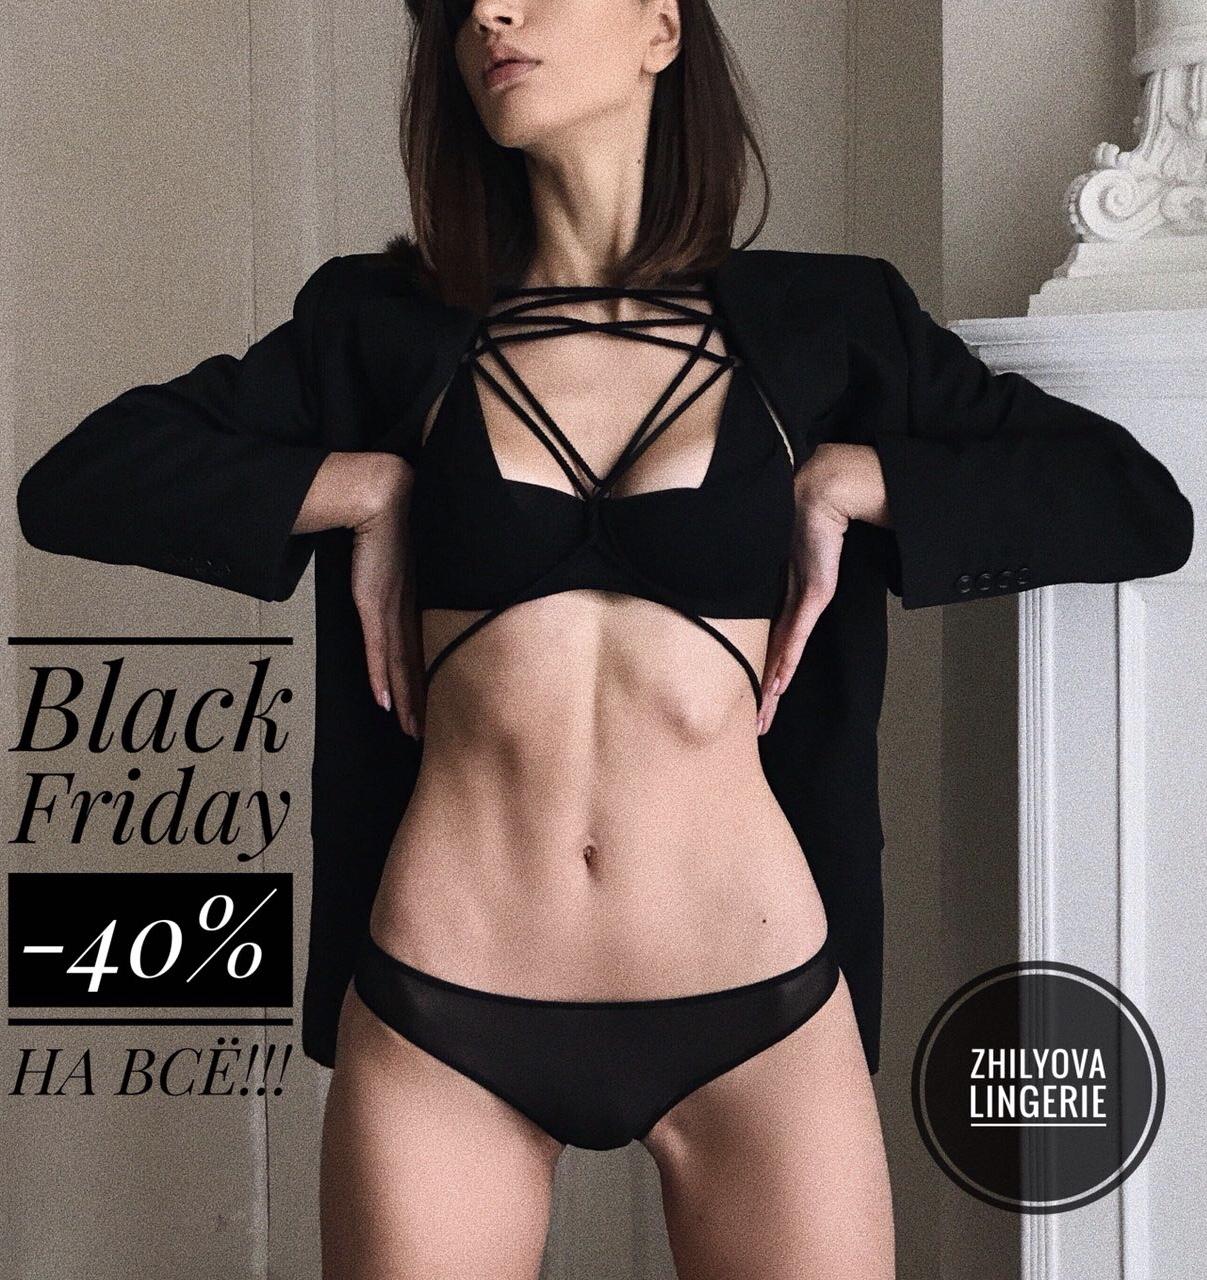 Black Friday 2017: Лучшие скидки Чёрной пятницы на брендовое нижнее Zhilyova